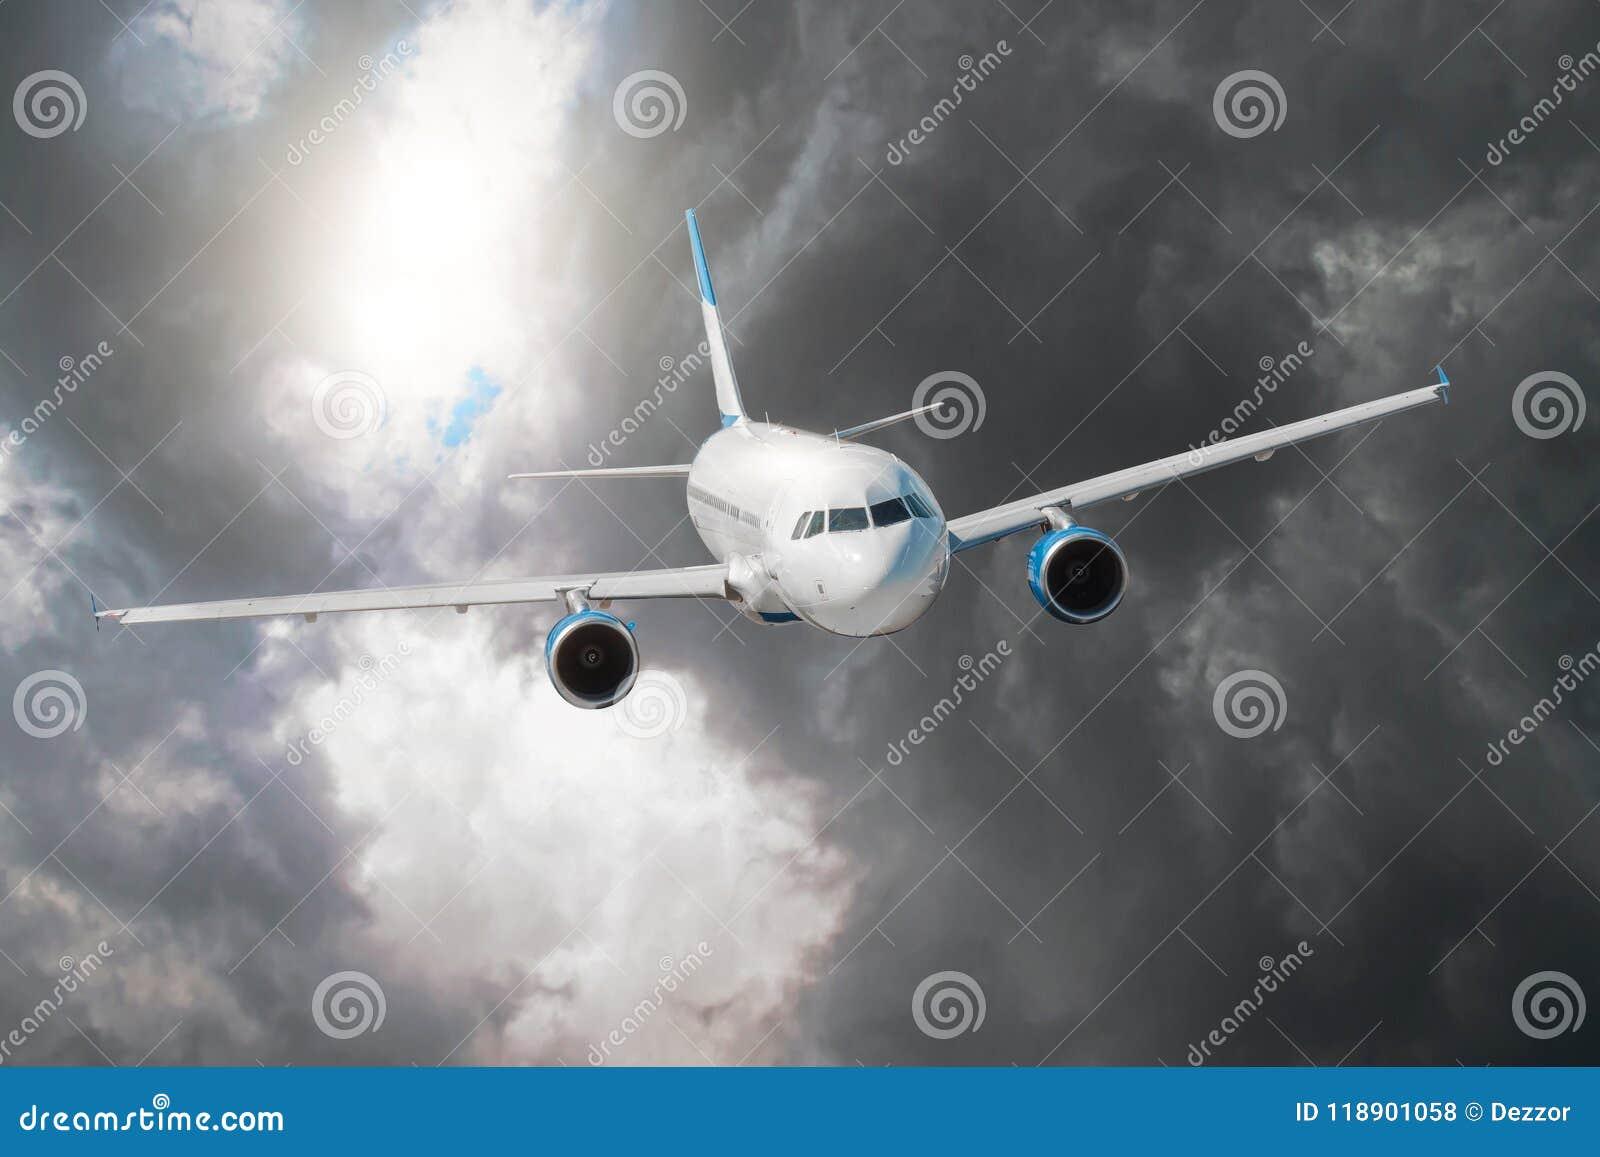 Passagierflugzeug fliegt durch die Turbulenzzone durch den Blitz von Sturmwolken im schlechten Wetter